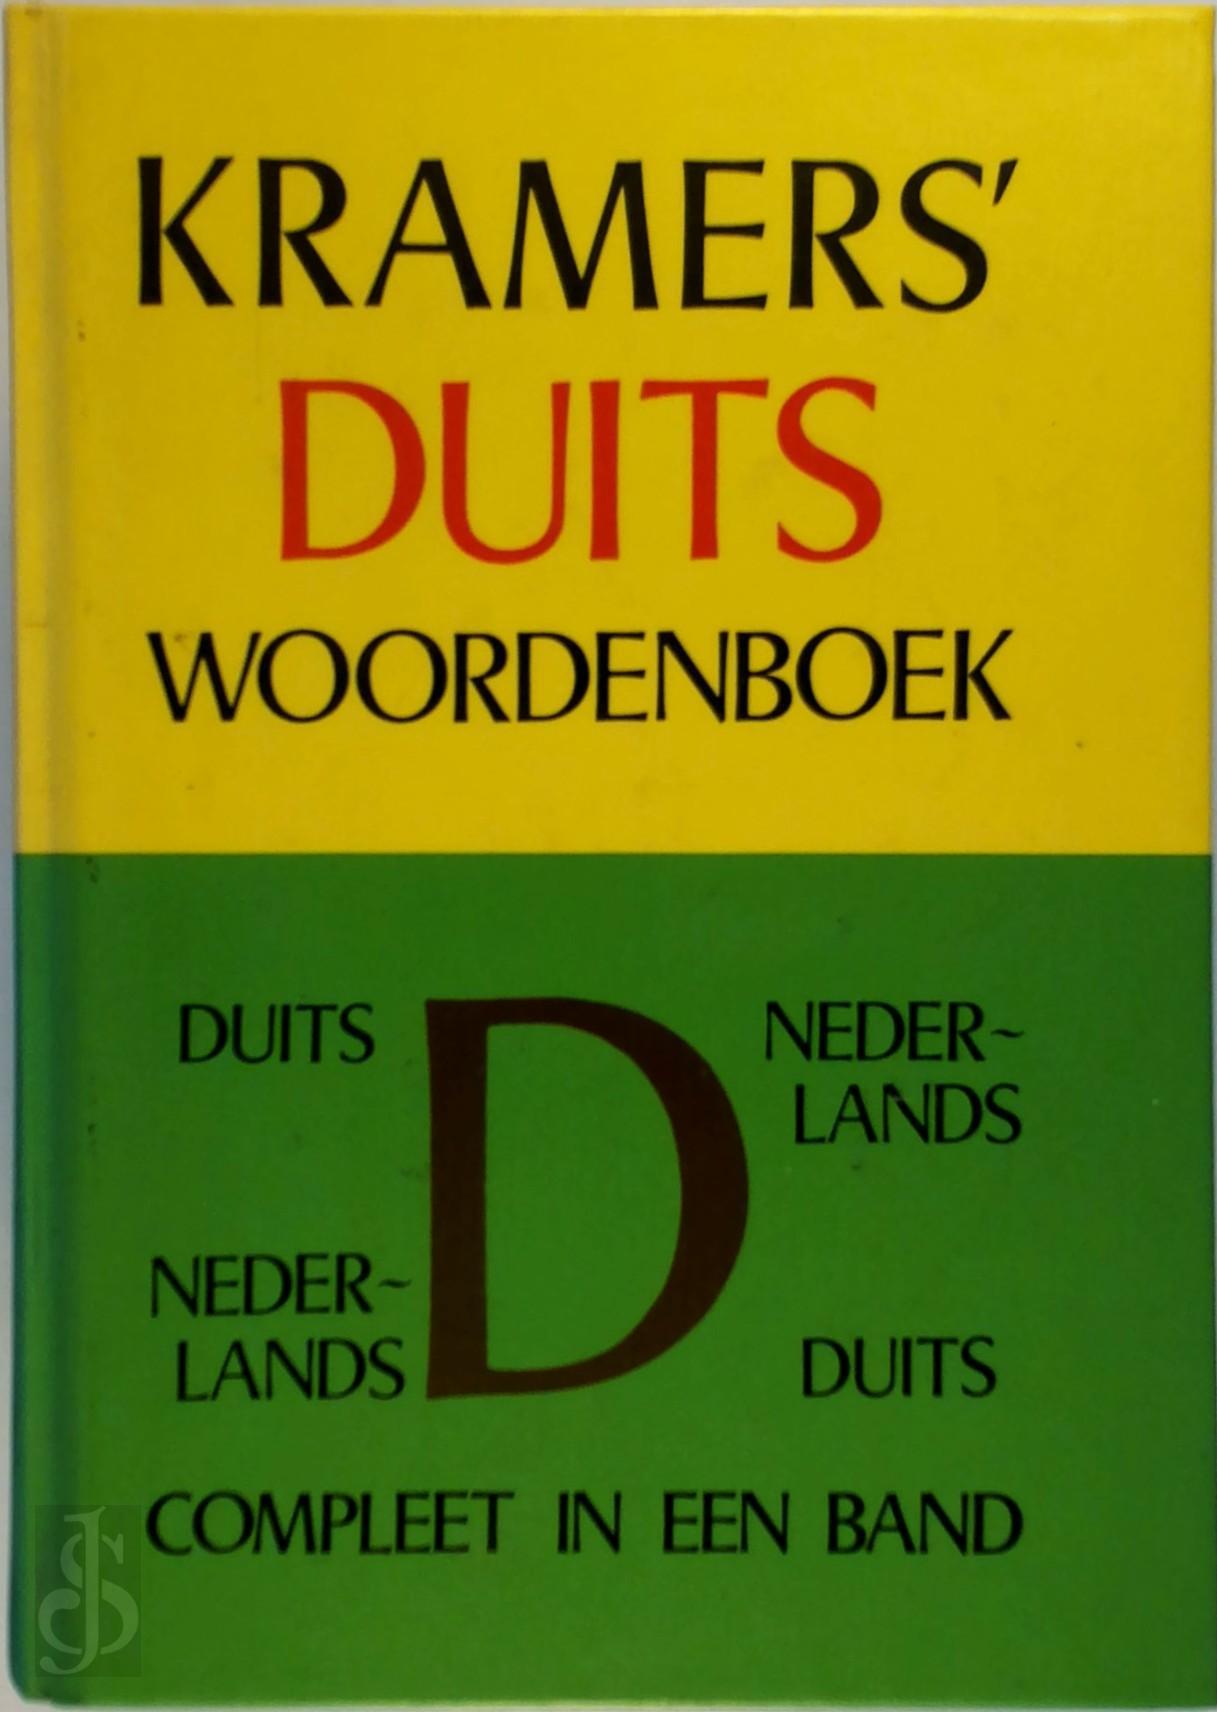 - Kramers duits woordenboek